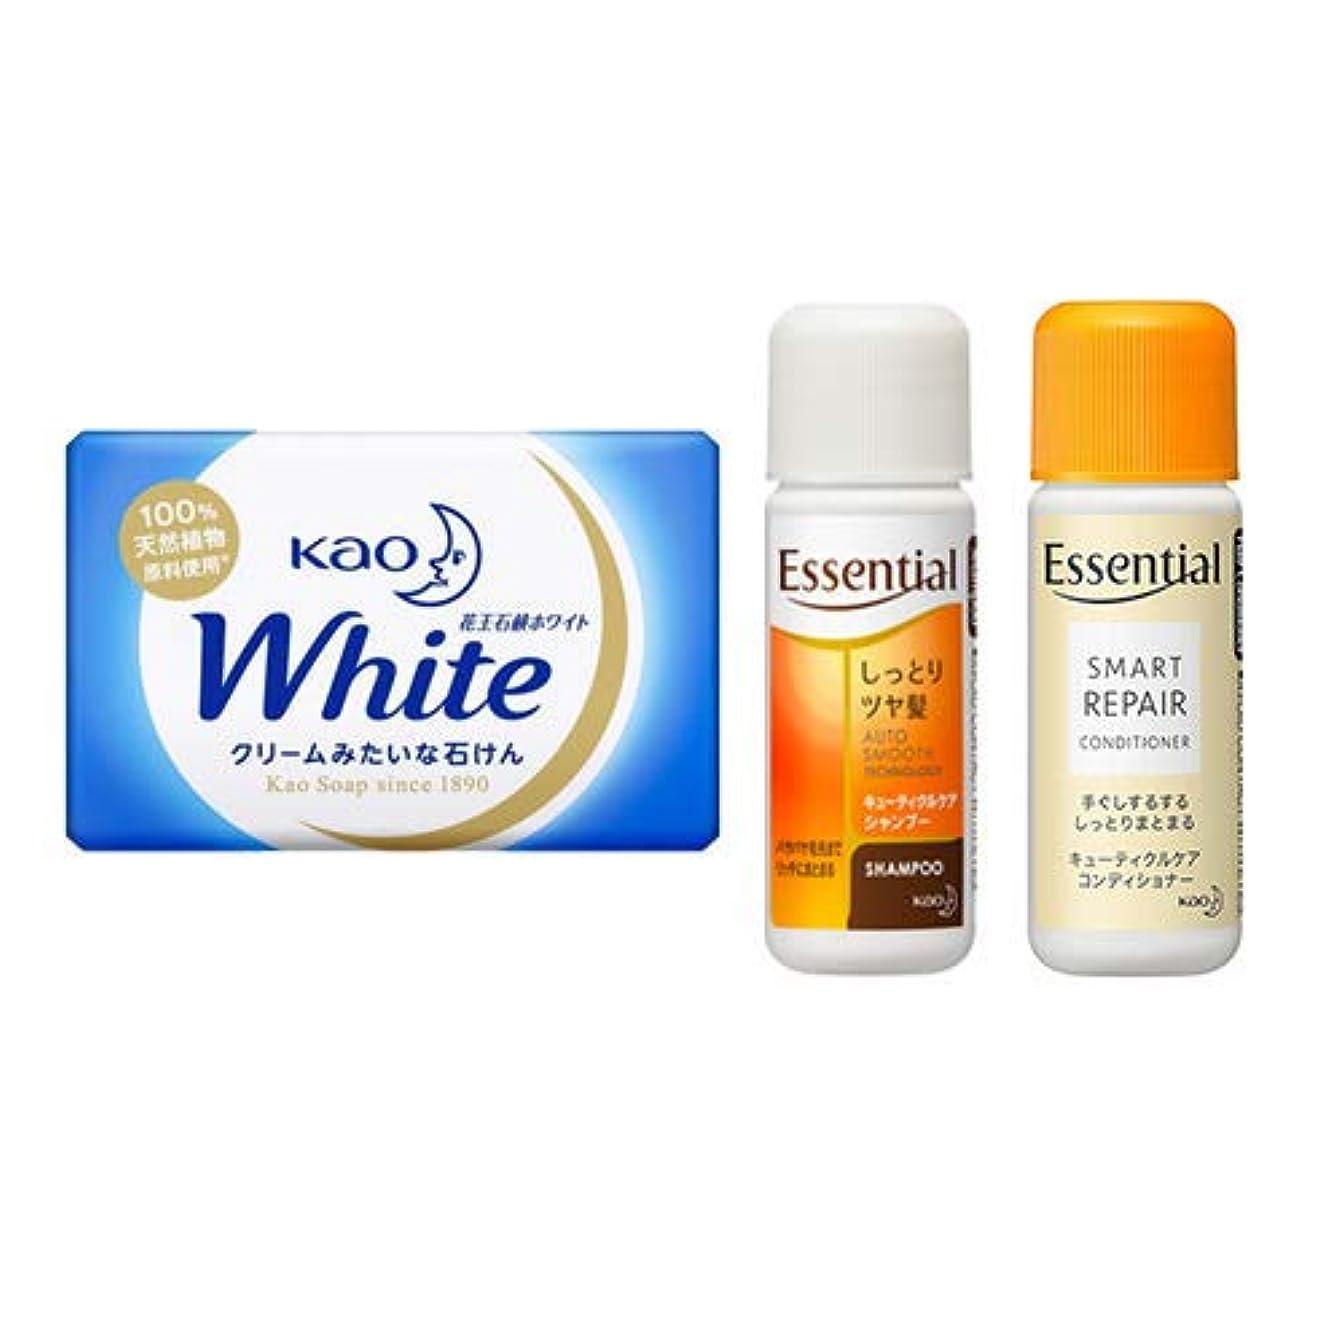 好意特別な副産物花王(KAO) 石鹸ホワイト(Kao Soap White) 15g + エッセンシャルシャンプー 16ml + コンディショナー 16ml セット